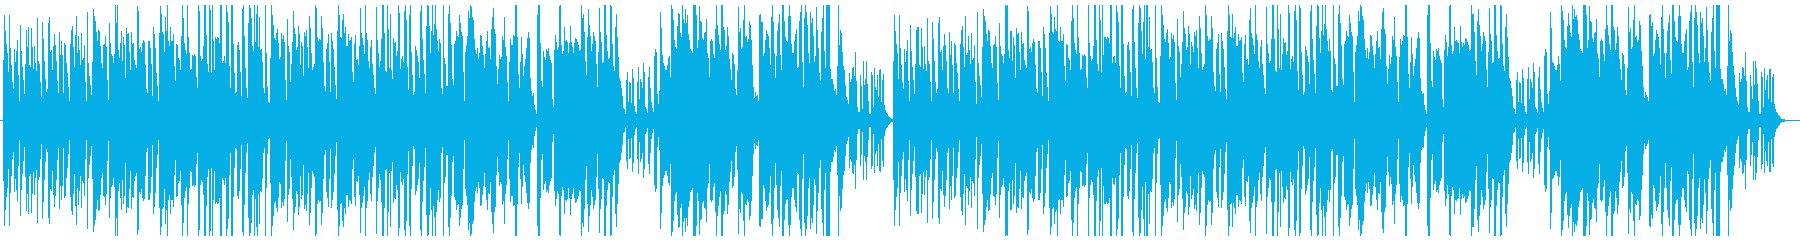 コミカル&ゆるい日常曲の再生済みの波形